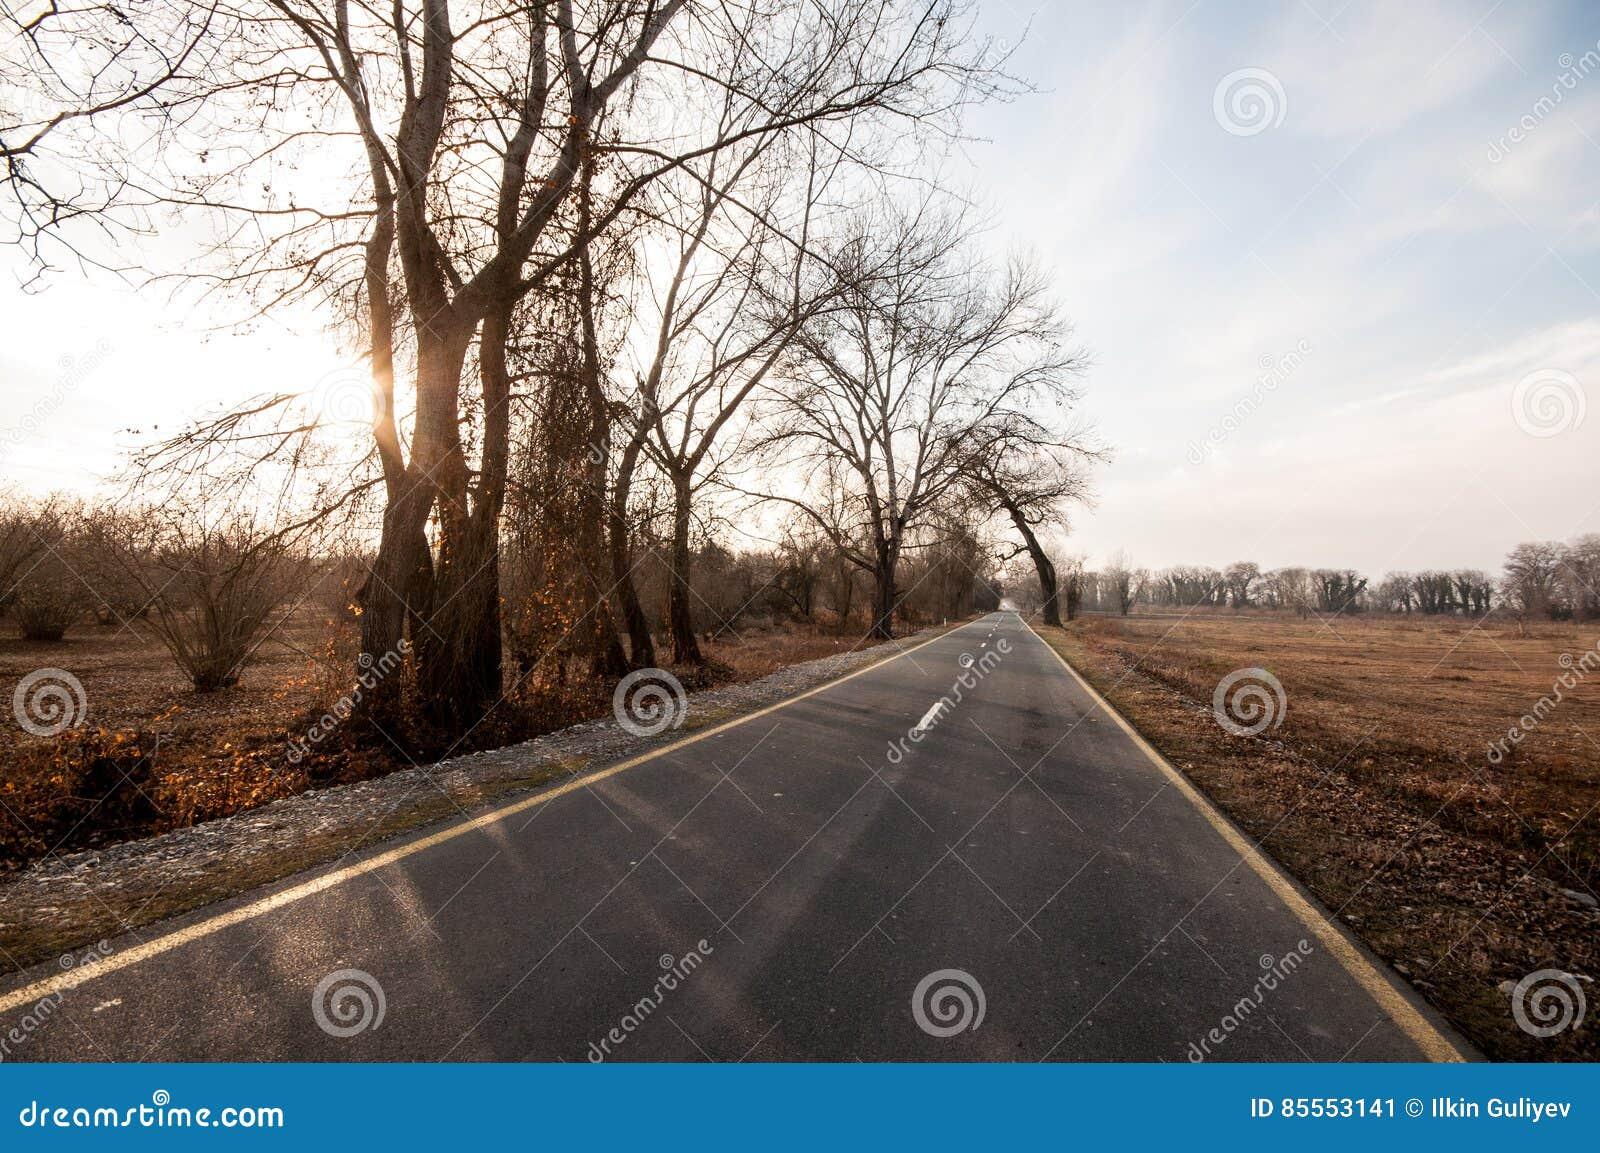 Schöne Landschaft der Landseitenstraße mit Bäumen in der Winterzeit bei Sonnenuntergang Aserbaidschan, Kaukasus, Sheki, Gakh, Zag